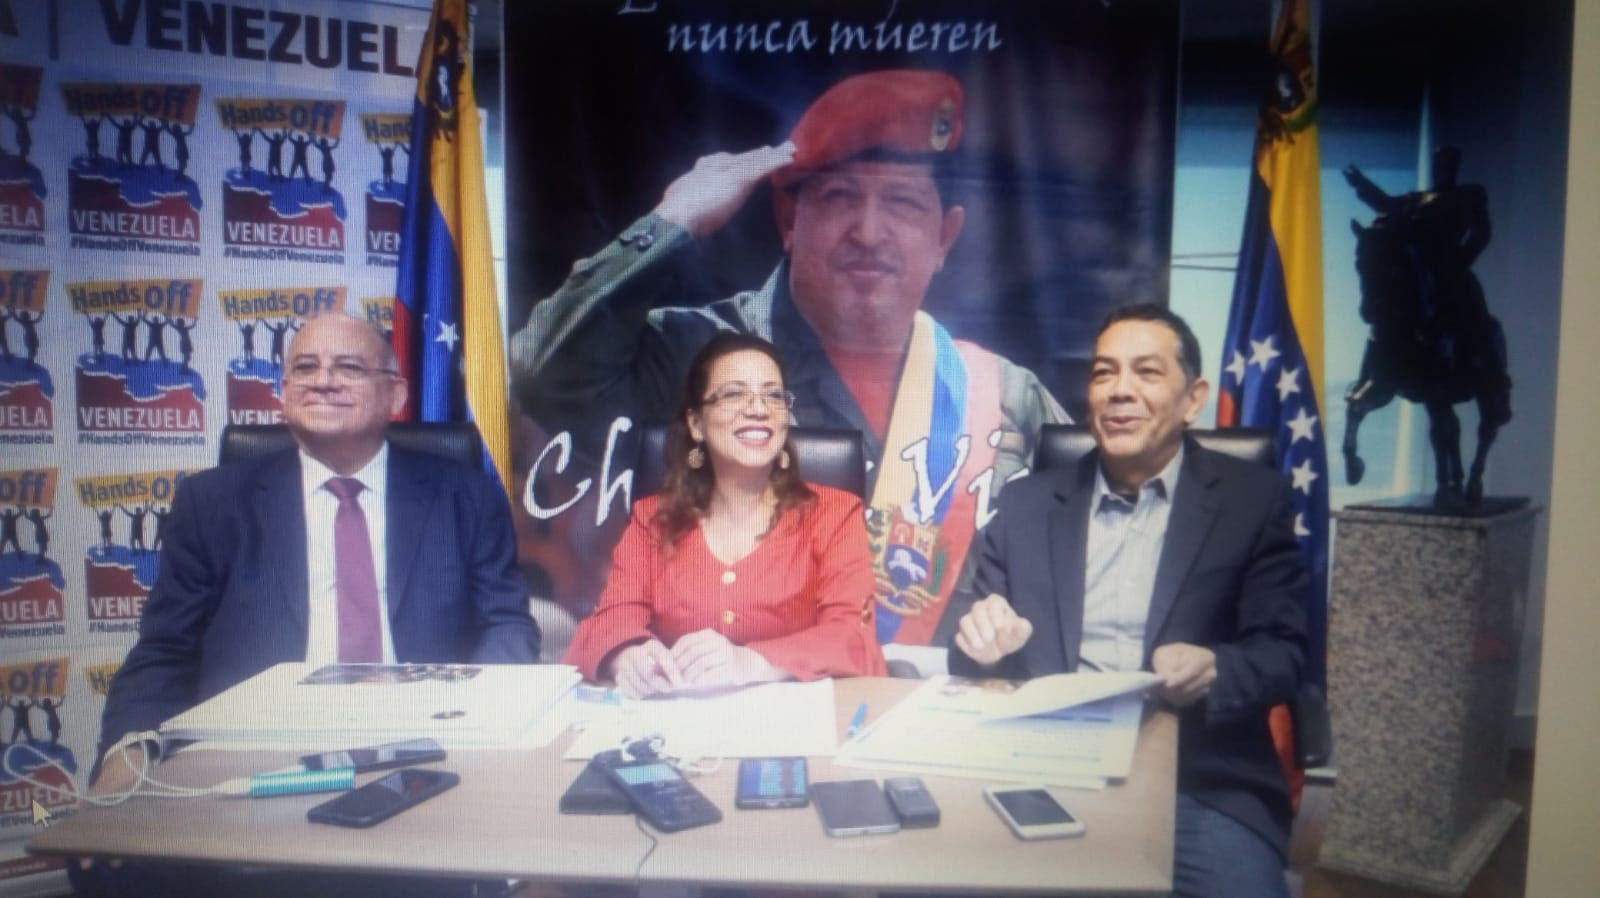 El embajador chavista Mario Isea busca aliviar las sanciones europeas 'seduciendo' a Pedro Sánchez